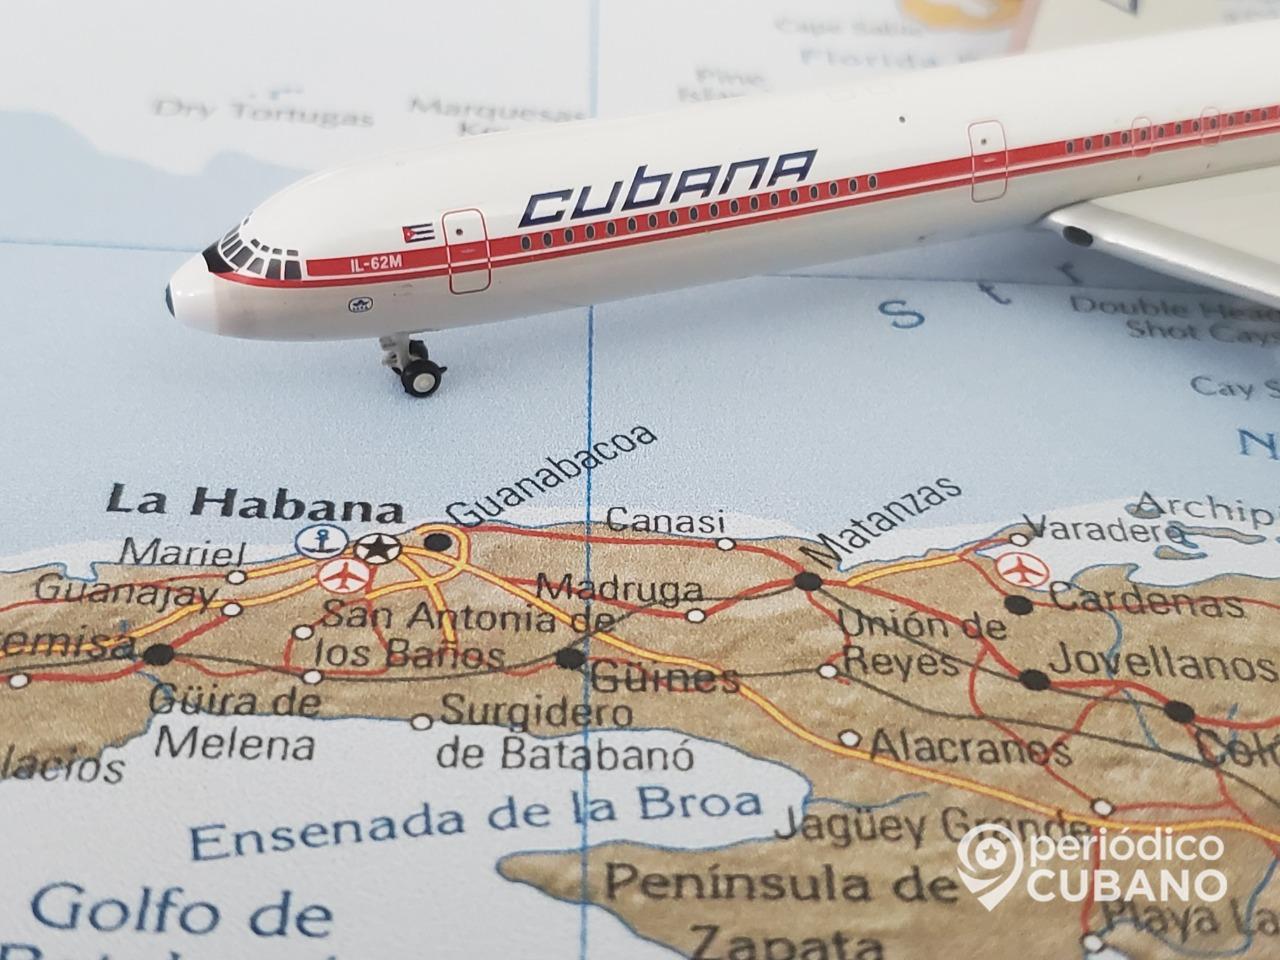 Vuelos a Cuba hoy: Cubana de Aviación informa sobre proyecciones en los vuelos a México